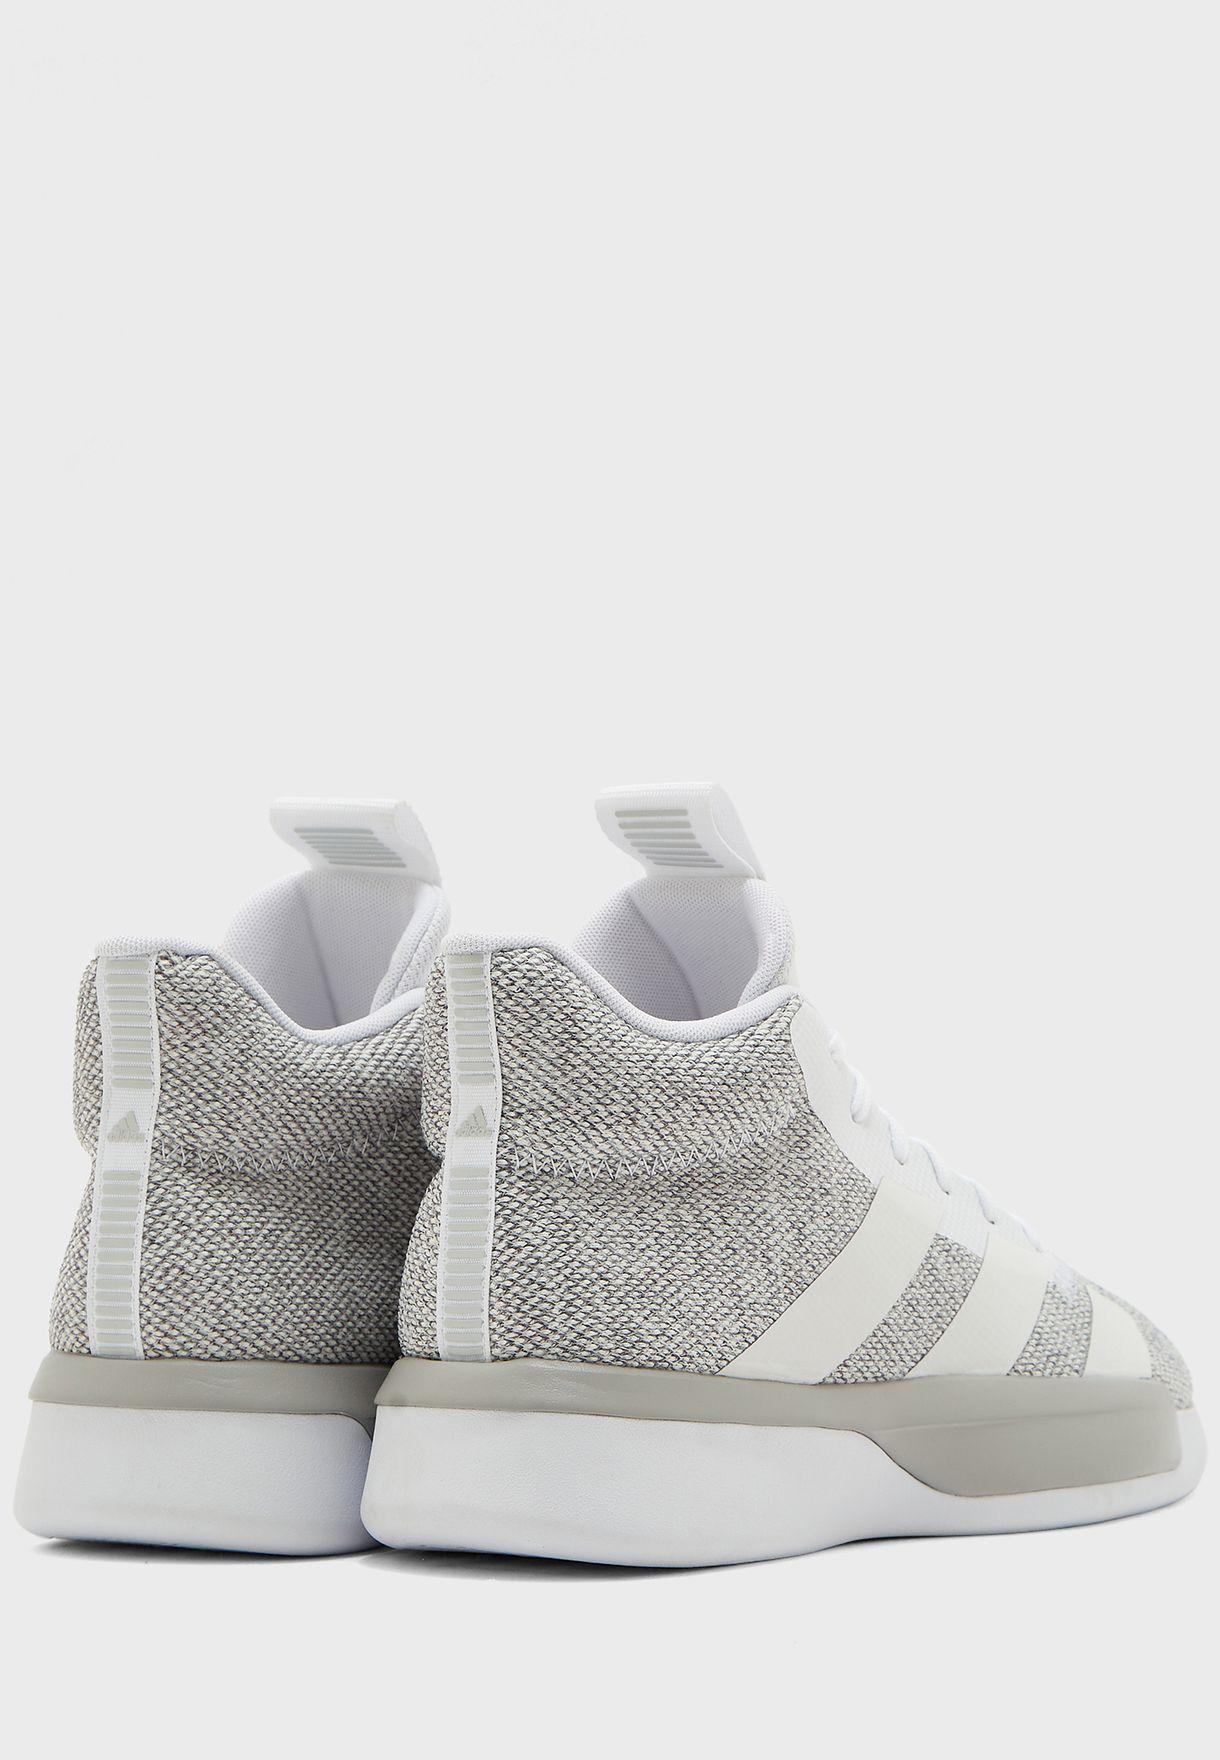 حذاء برو نيكست 2019